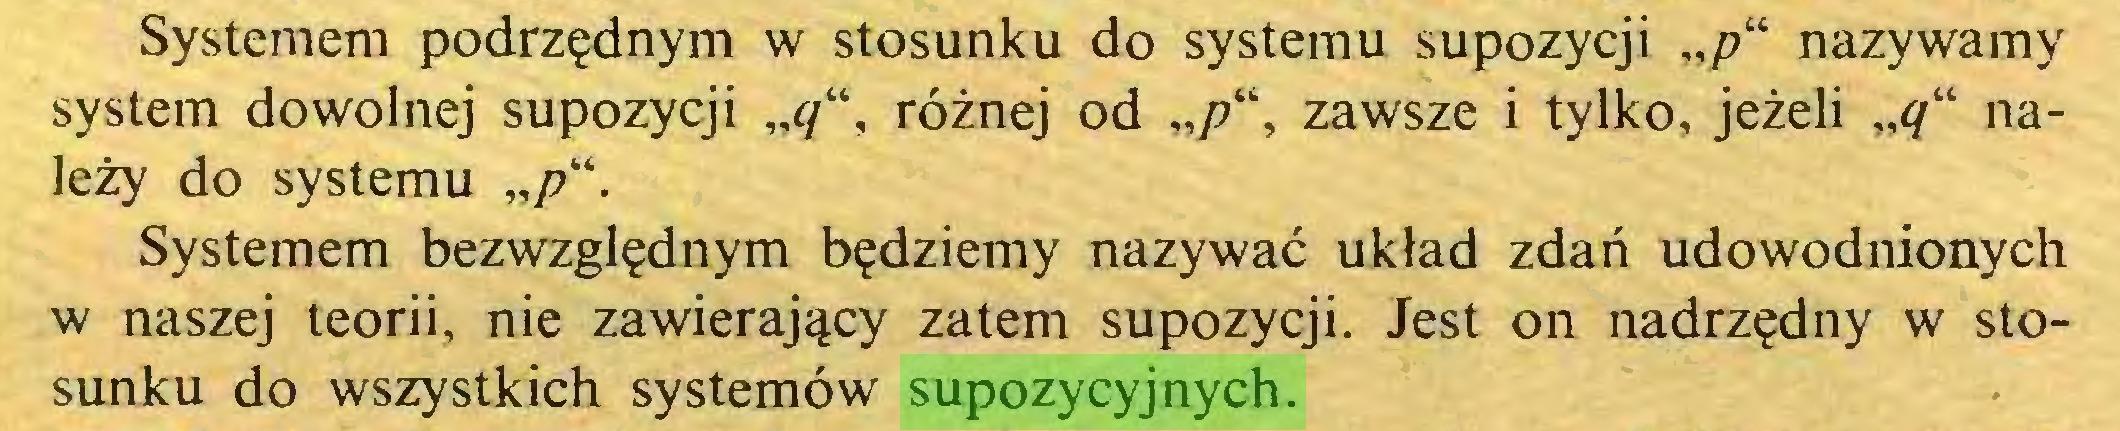 """(...) Systemem podrzędnym w stosunku do systemu supozycji """"/?"""" nazywamy system dowolnej supozycji """"q"""", różnej od zawsze i tylko, jeżeli """"<7"""" należy do systemu Systemem bezwzględnym będziemy nazywać układ zdań udowodnionych w naszej teorii, nie zawierający zatem supozycji. Jest on nadrzędny w stosunku do wszystkich systemów supozycyjnych..."""